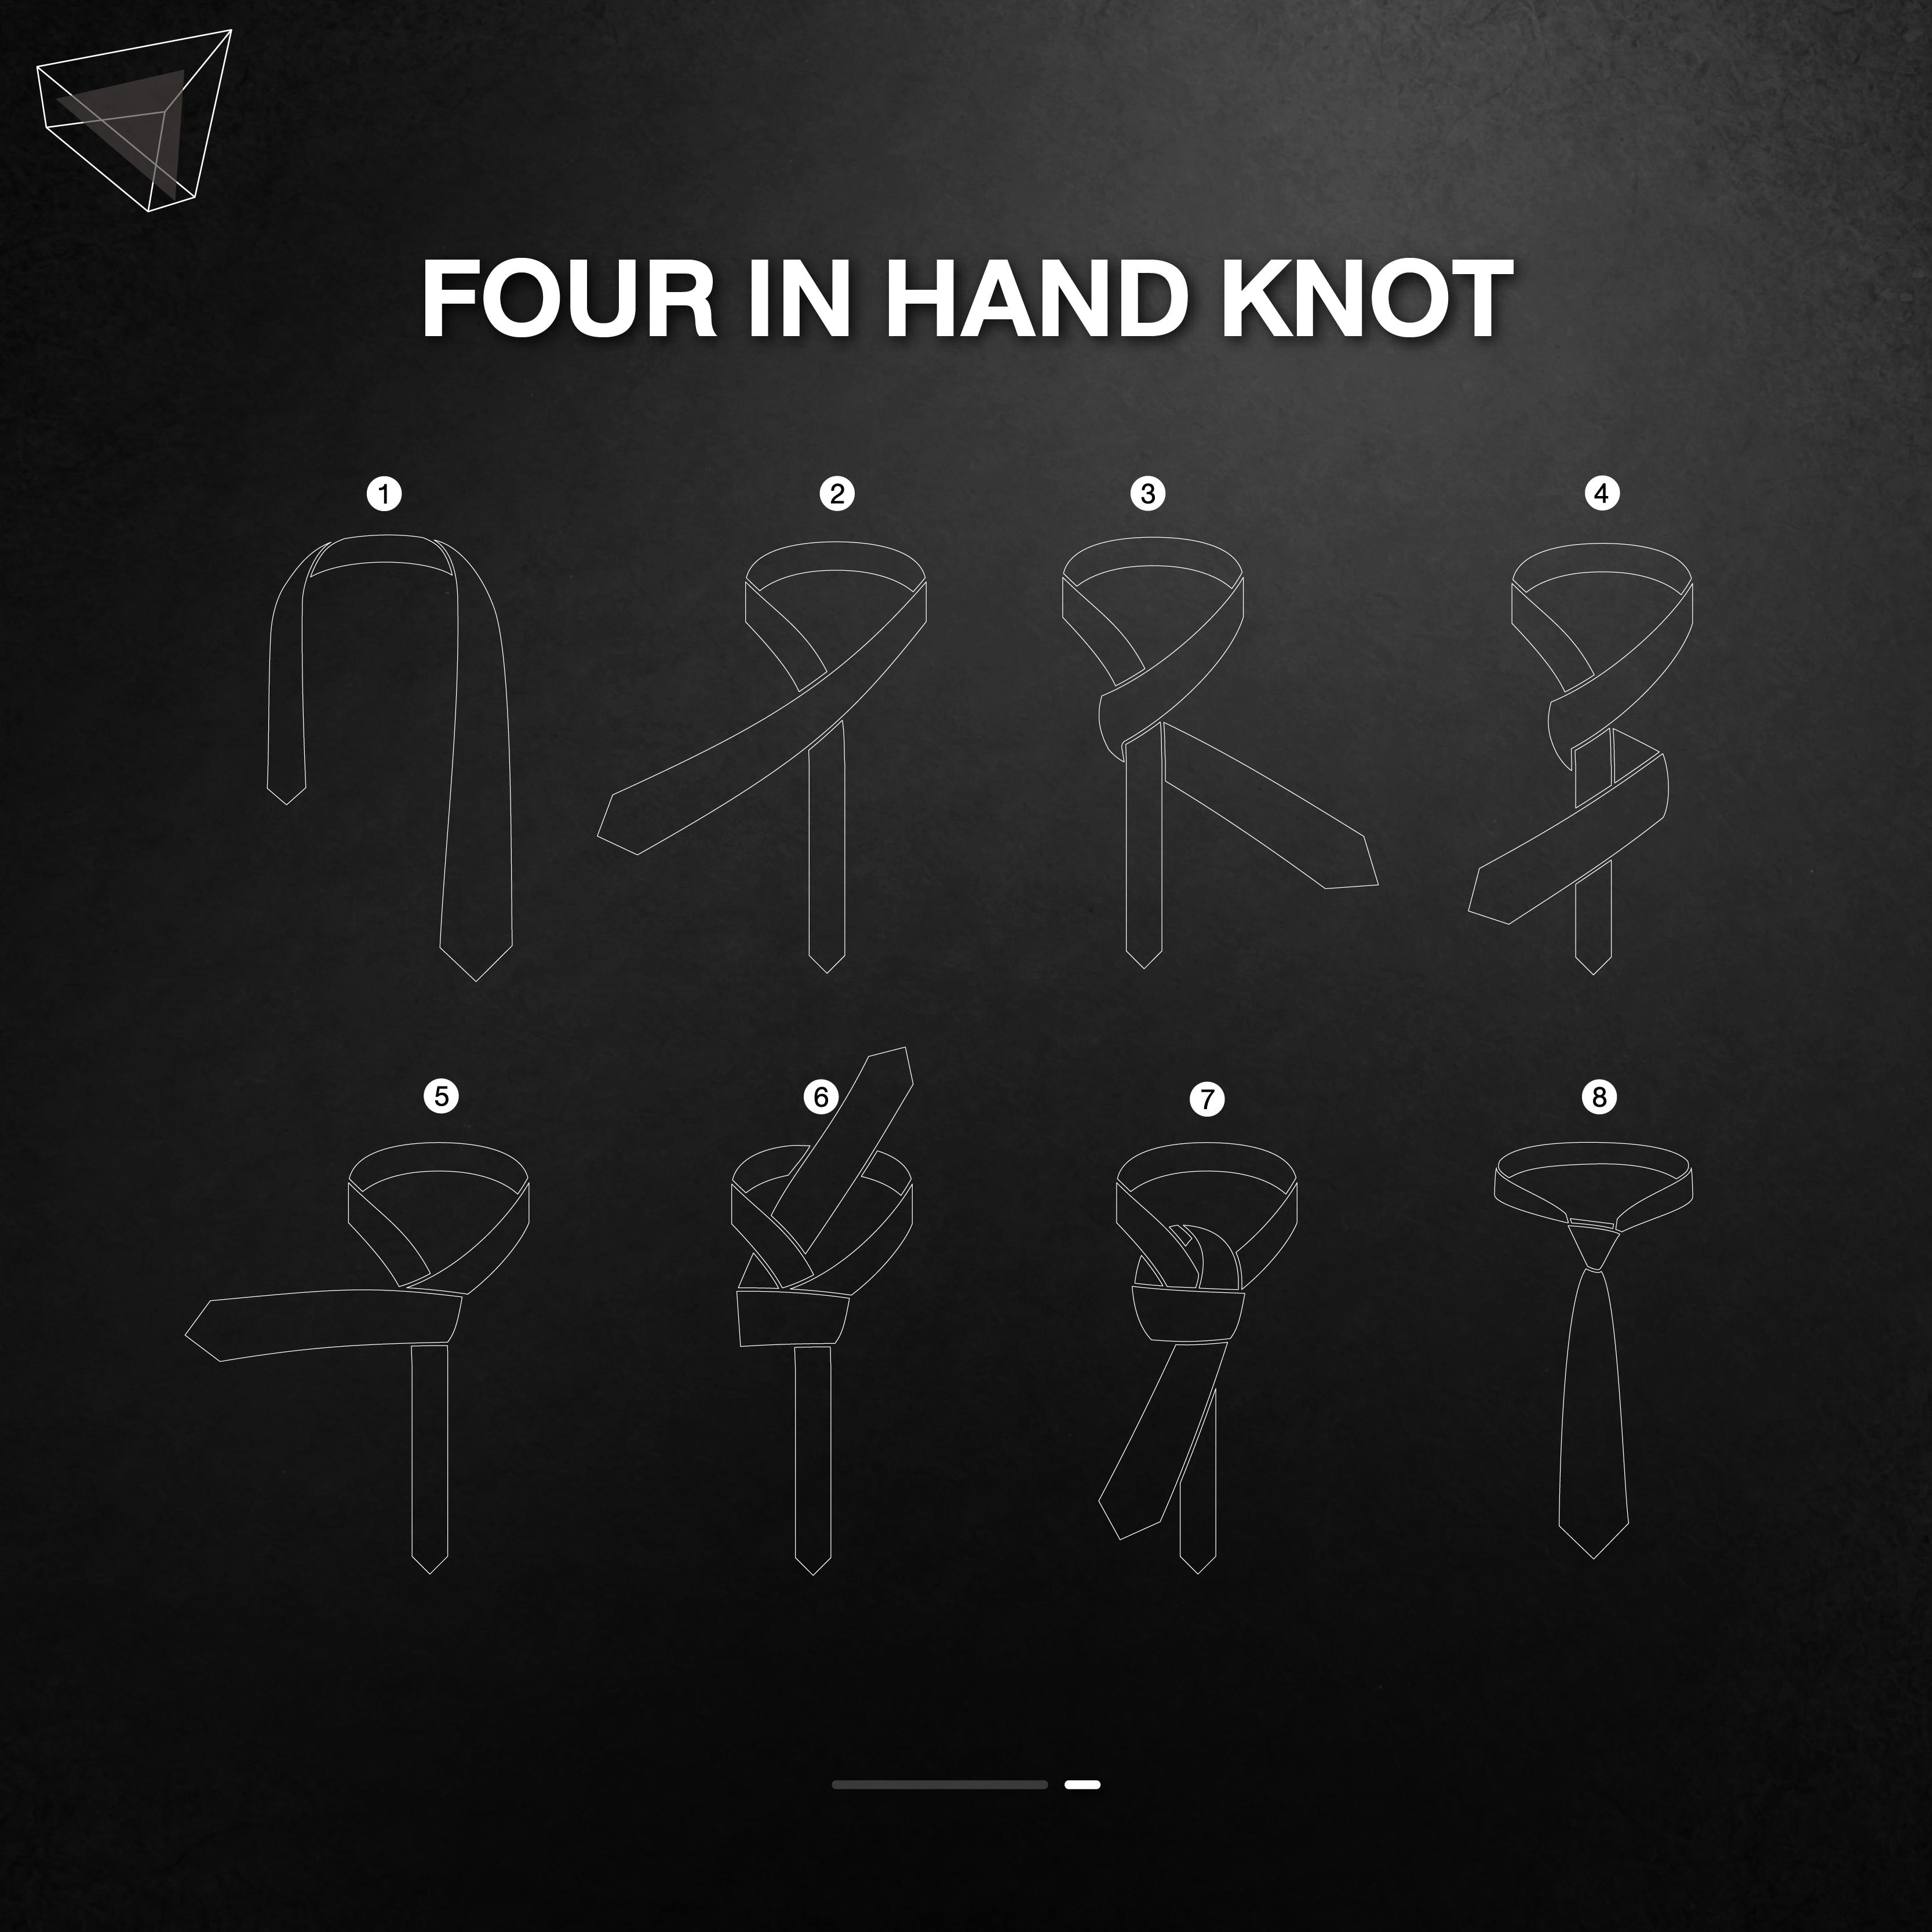 วิธีผูกเนคไทแบบ Four in Hand Knot